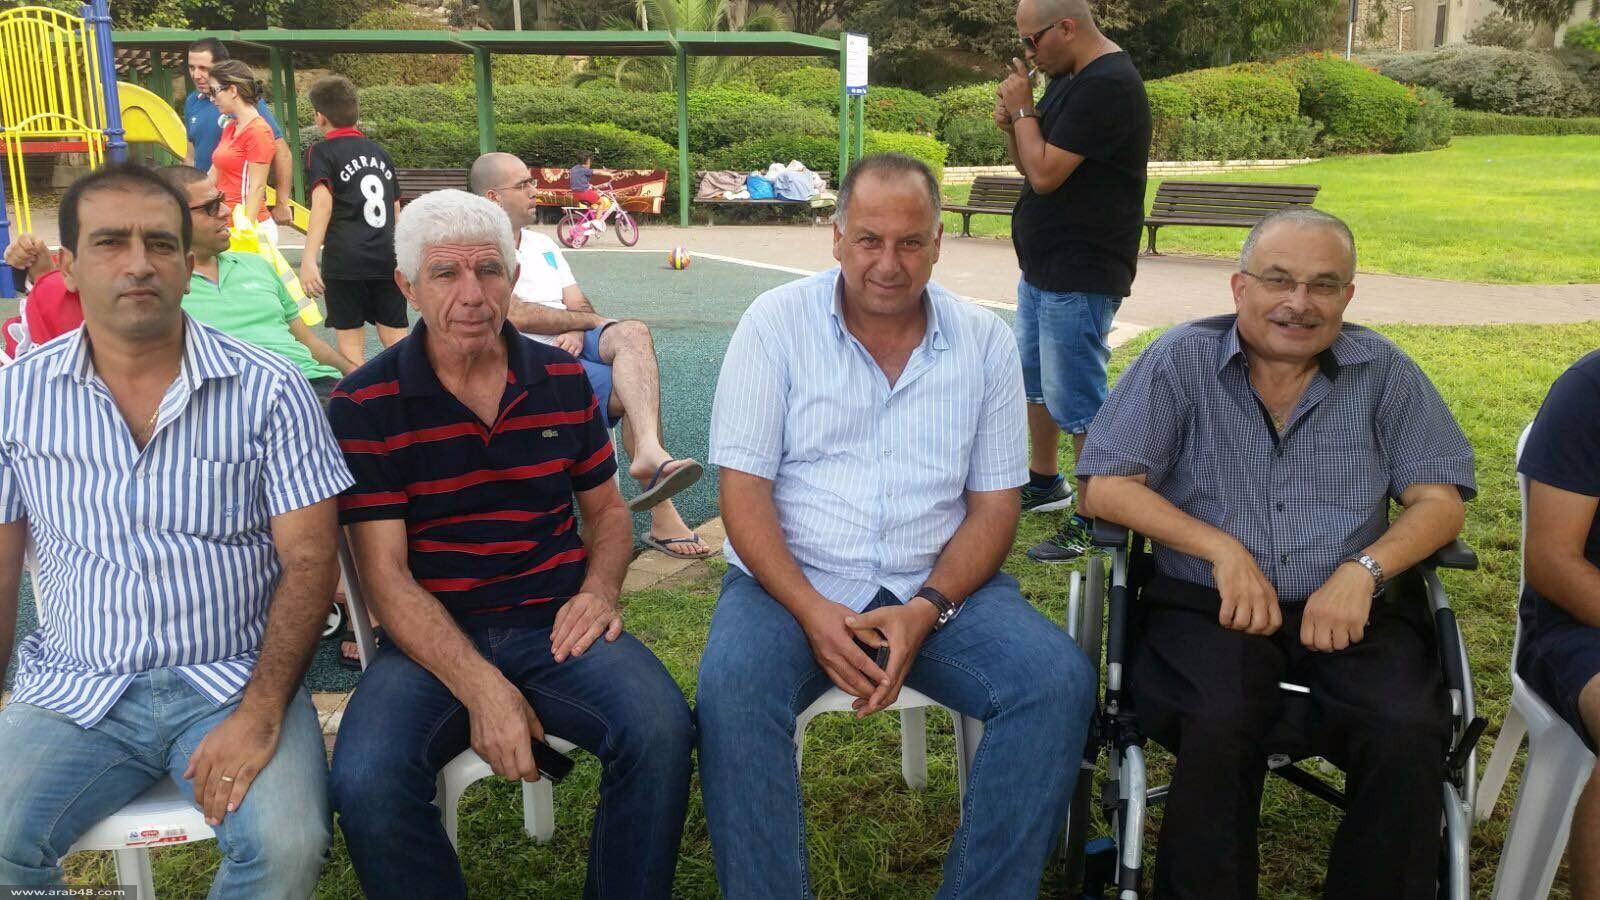 حيفا: التجمع يزور خيمة الاعتصام ويتضامن مع الأهلية